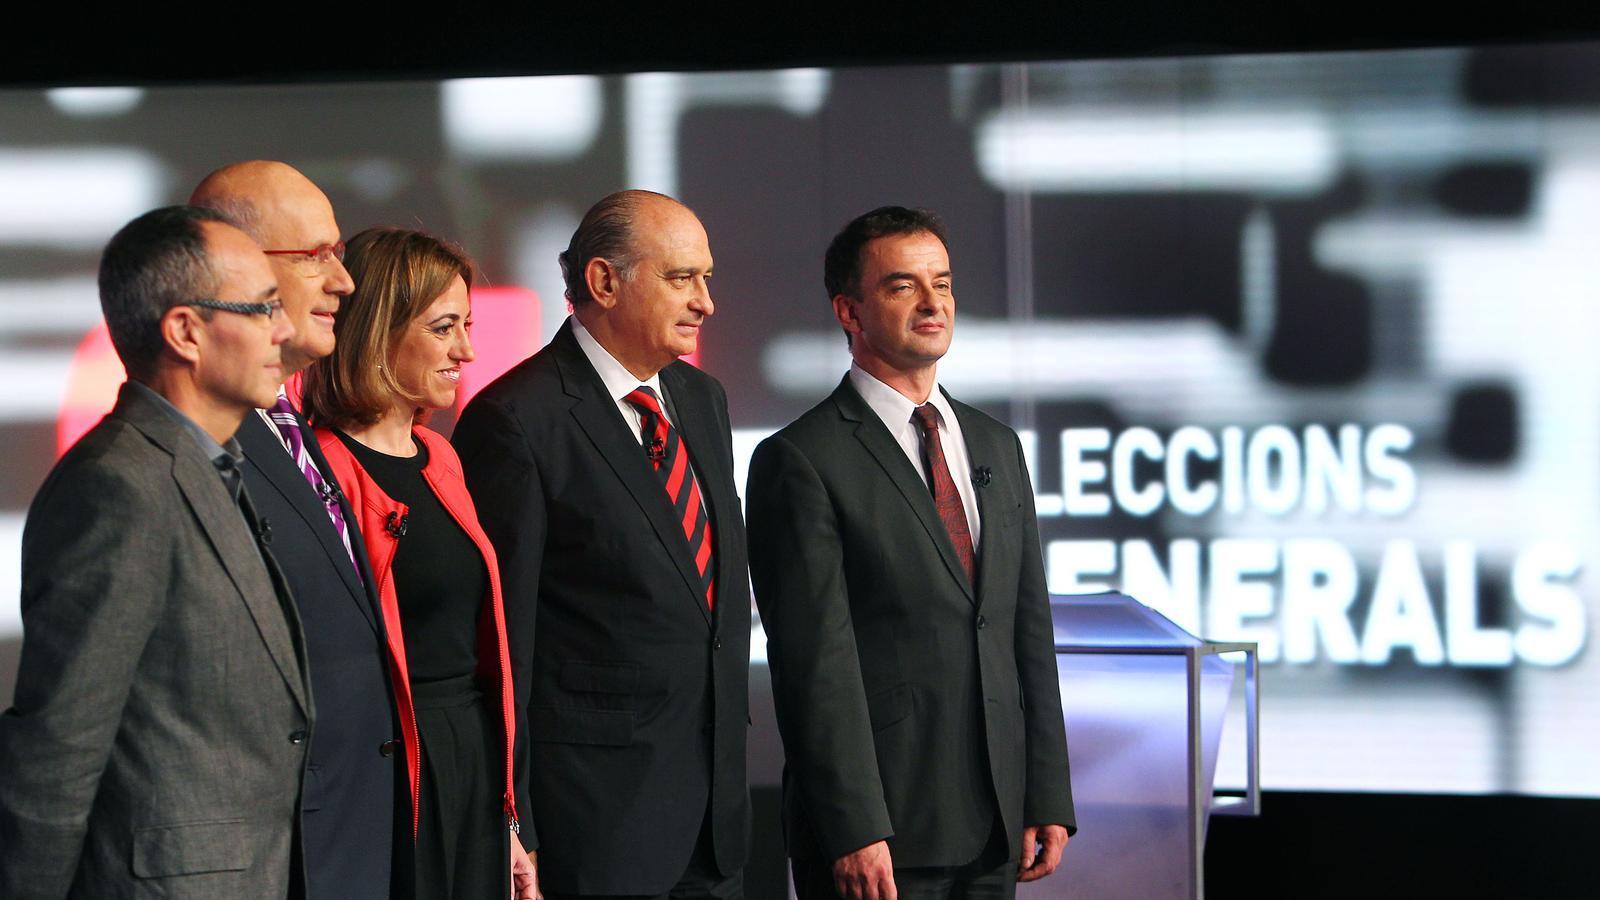 Els candidats al Plató TV3 va muntar una escenografia impecable per al debat electoral.